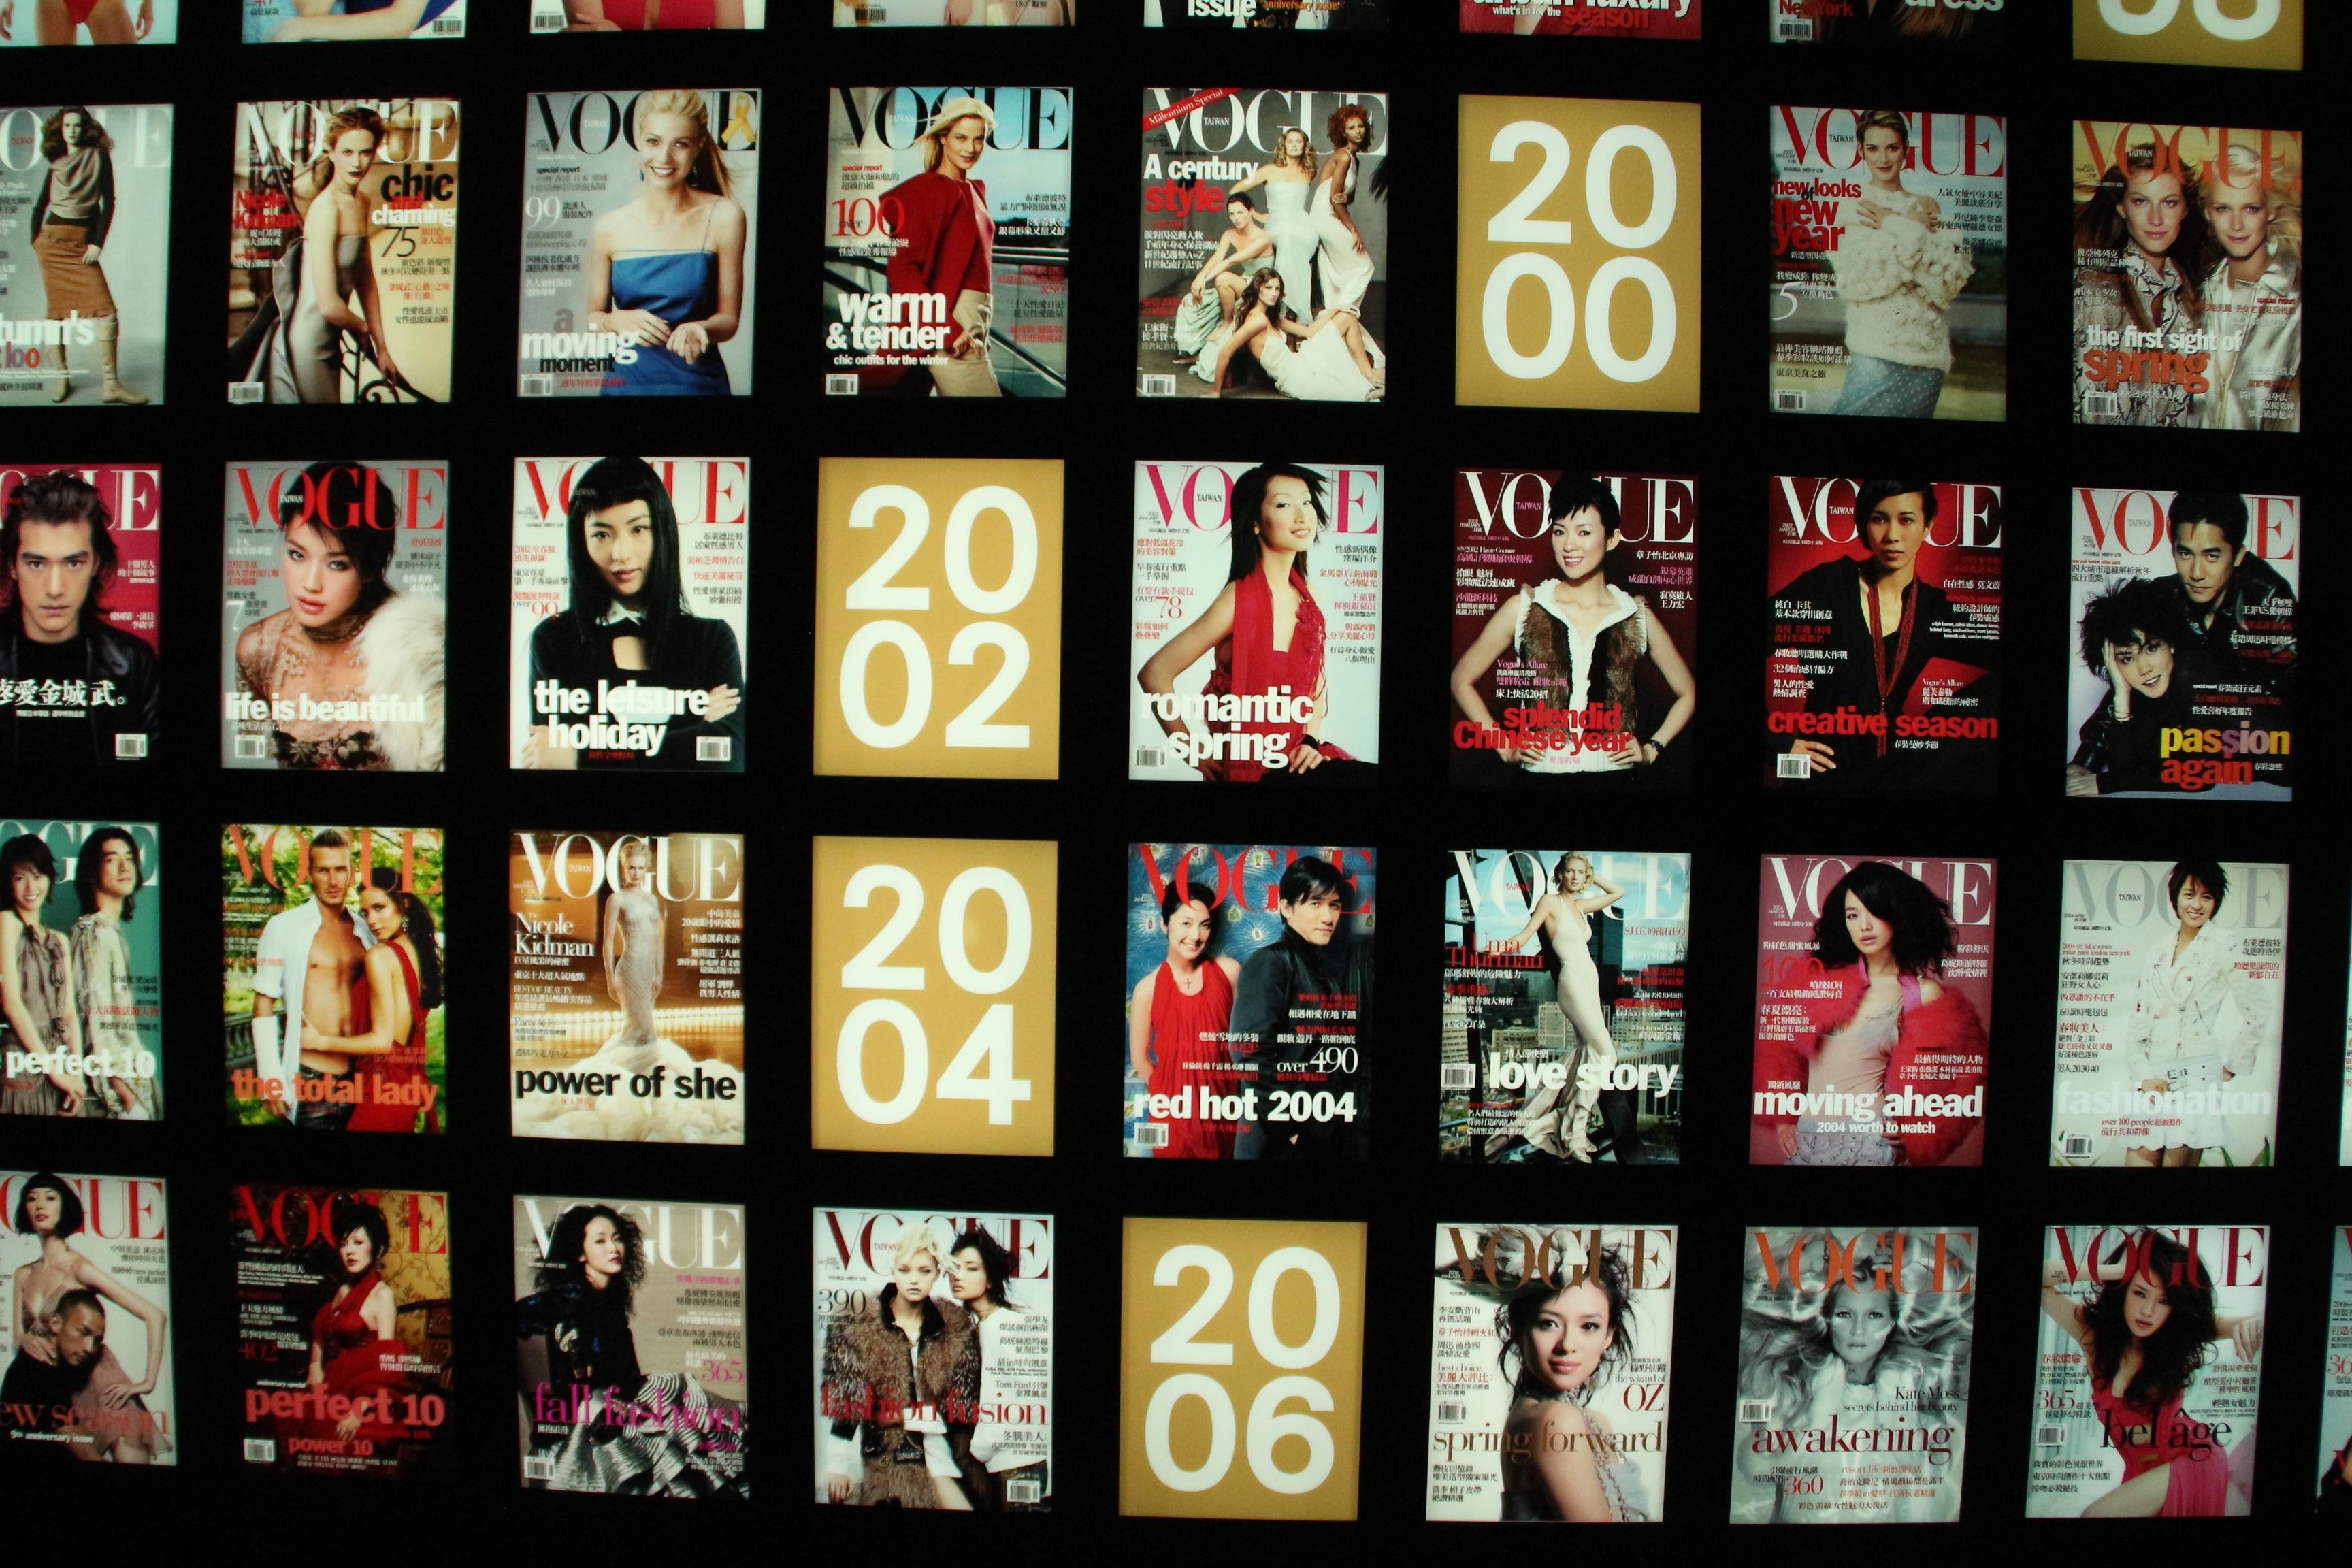 回顧台灣20年的VOGUE封面,與歐美風格不盡相同。 攝影/ 翁悅心